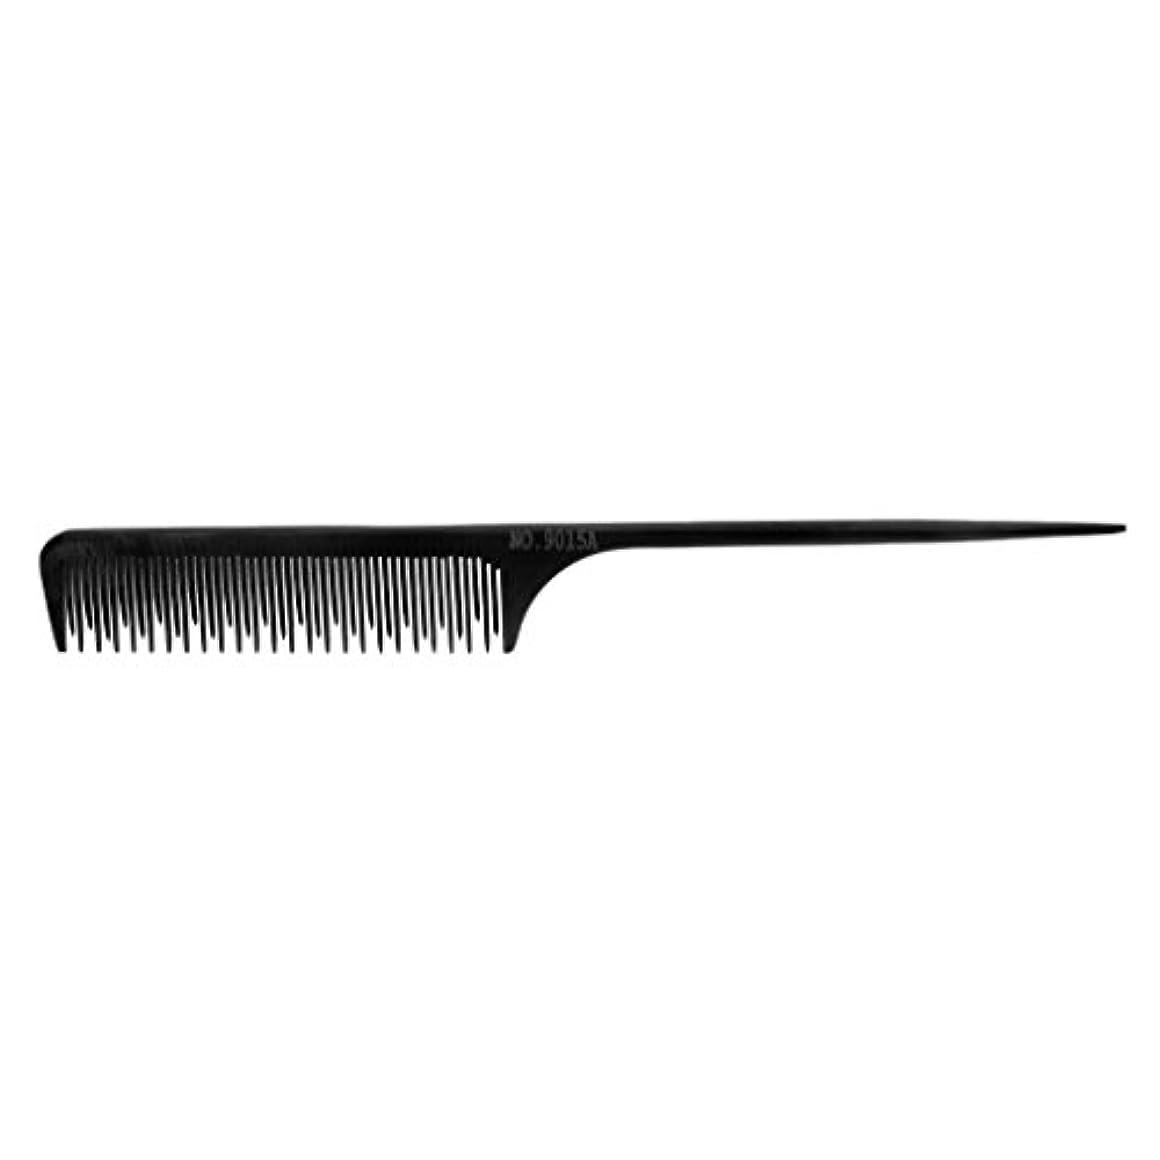 組み込む会うロッジ1Pcの黒いプラスチック良い歯の理髪のヘアースタイルの大広間の帯電防止櫛